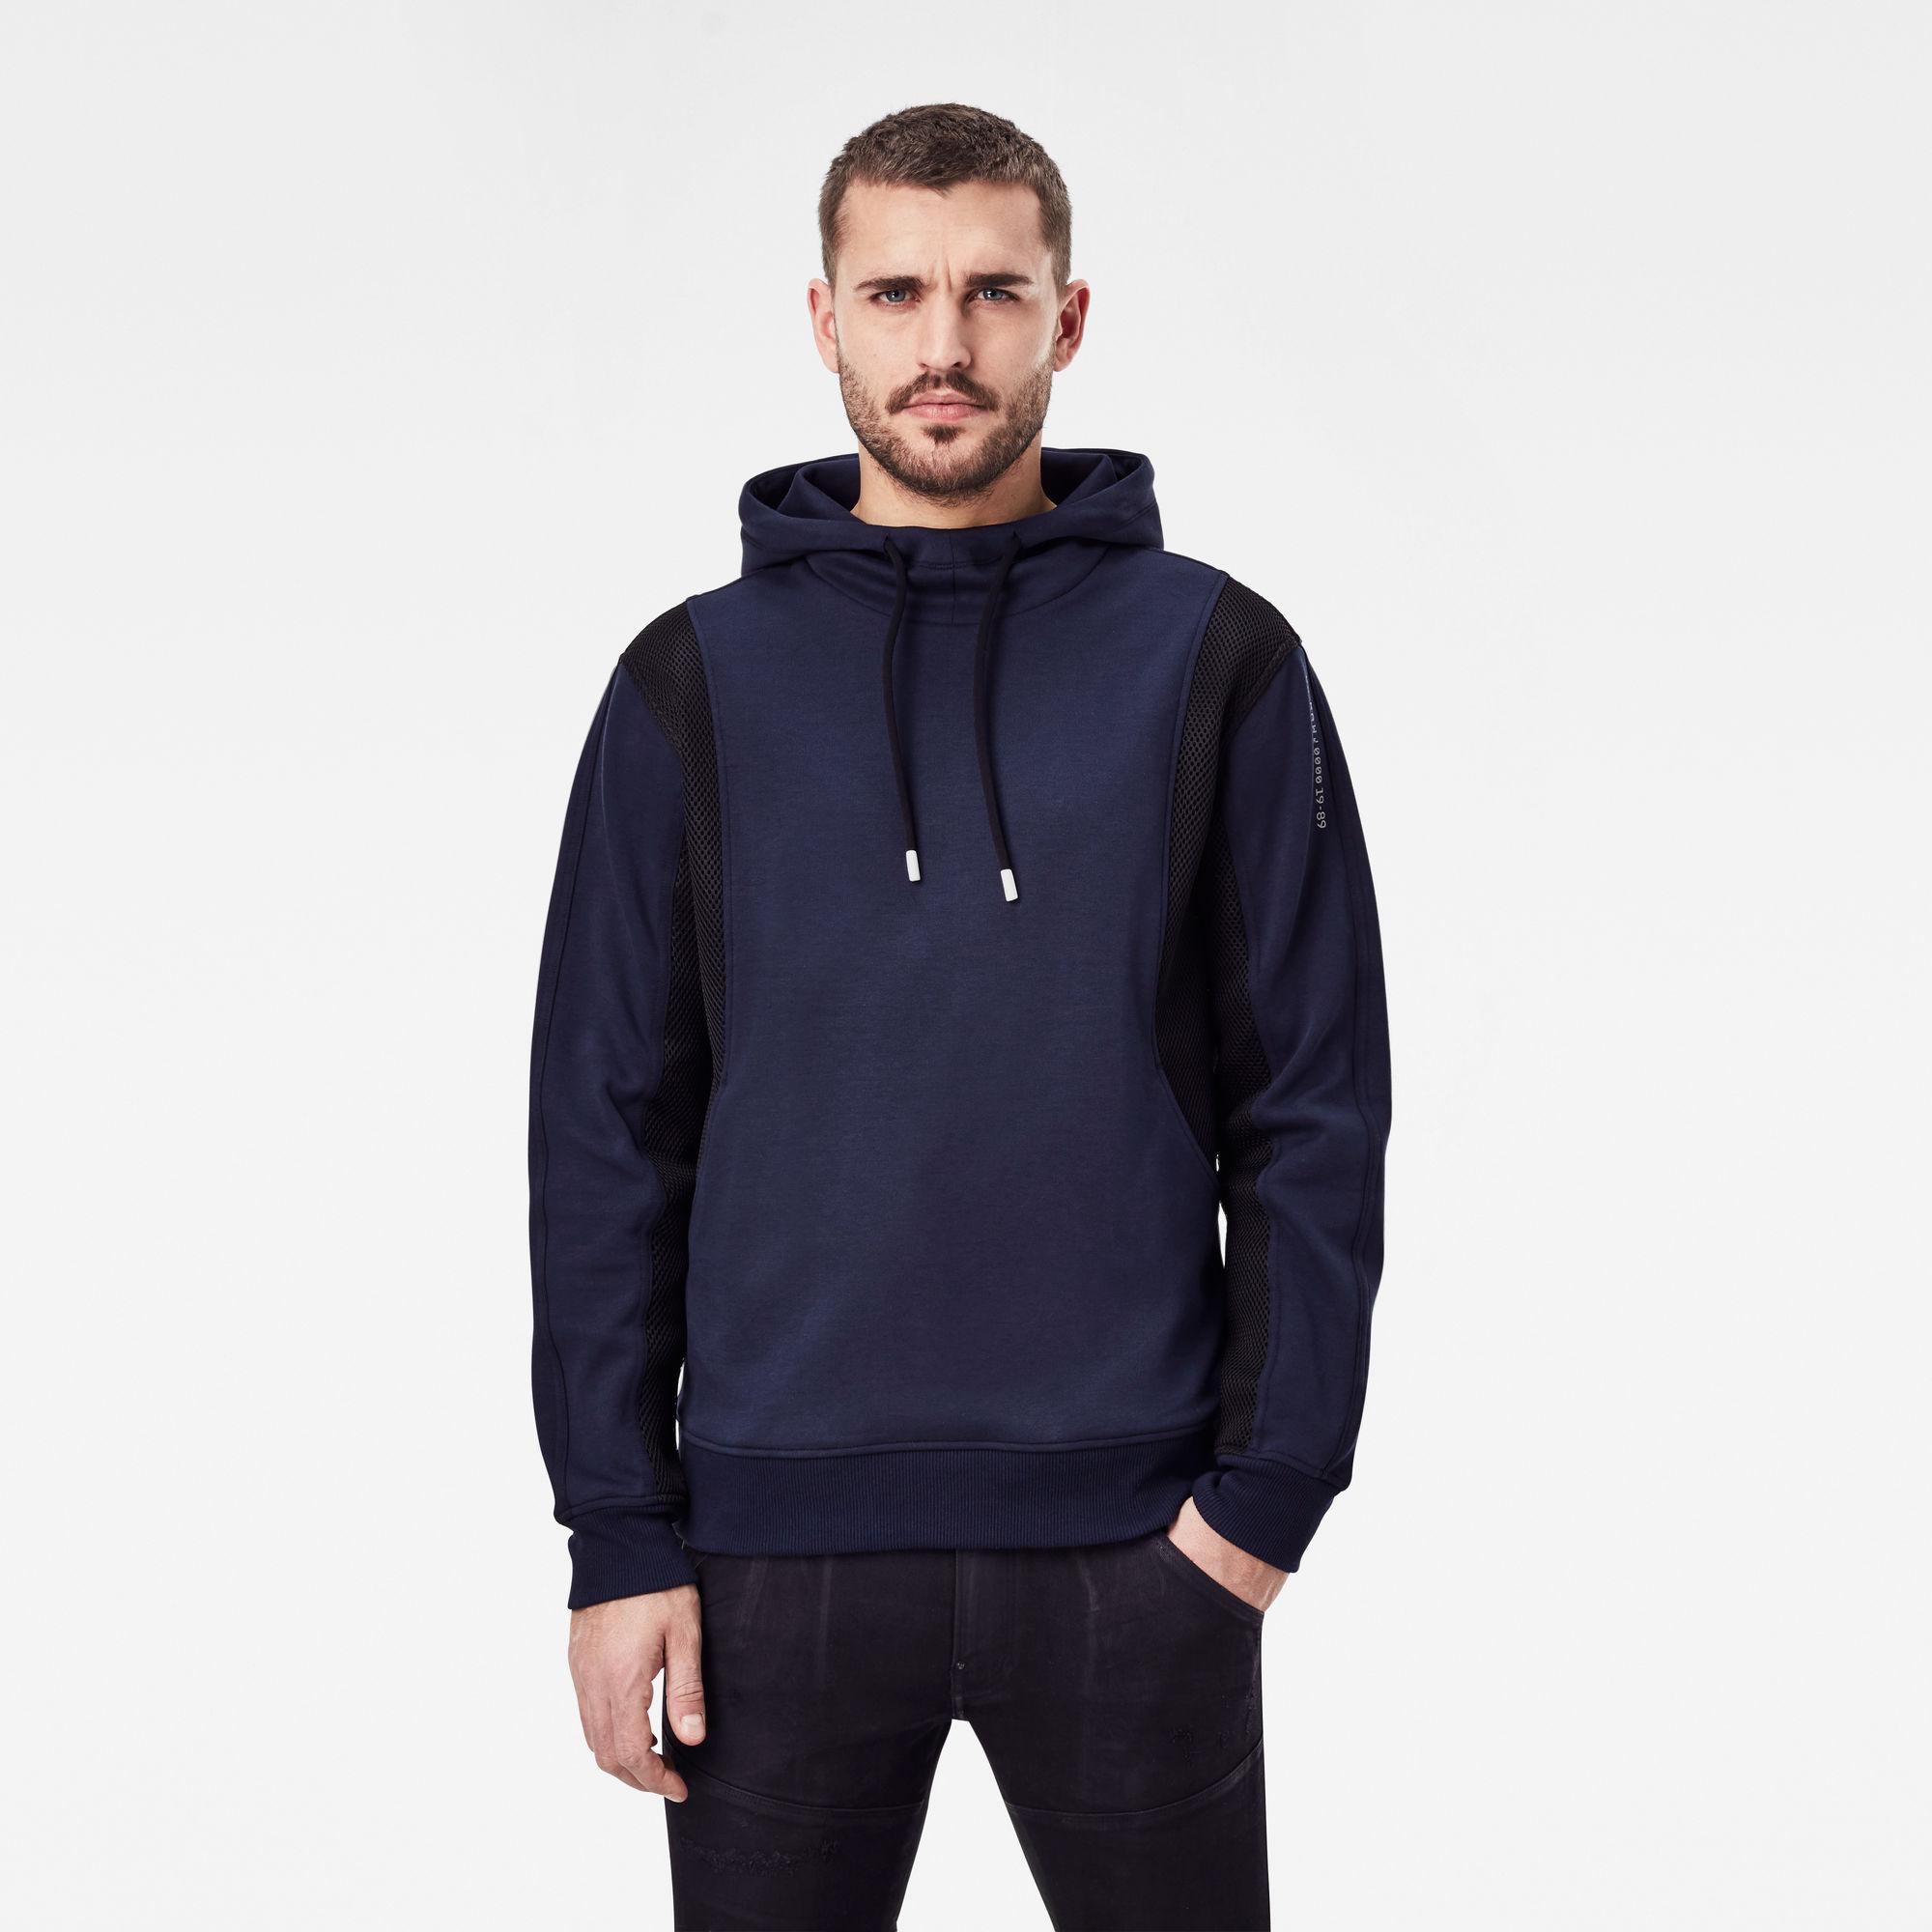 G-Star RAW Heren Moto Mesh Hooded Sweater Donkerblauw